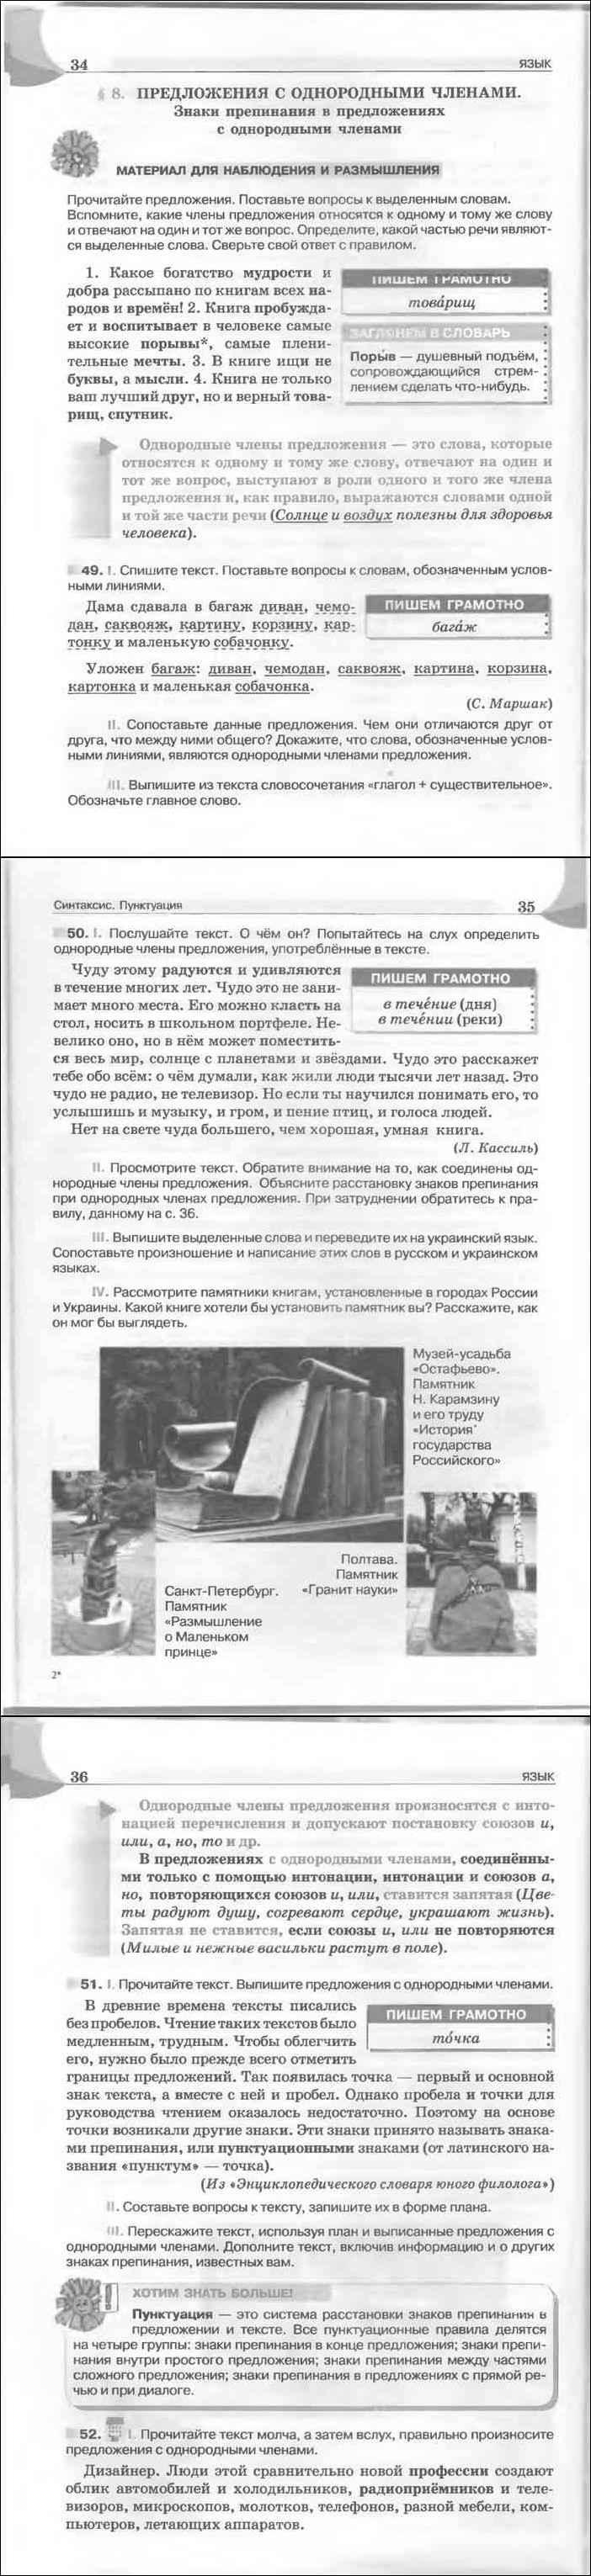 гдз 11 класс русский язык людмила давидюк